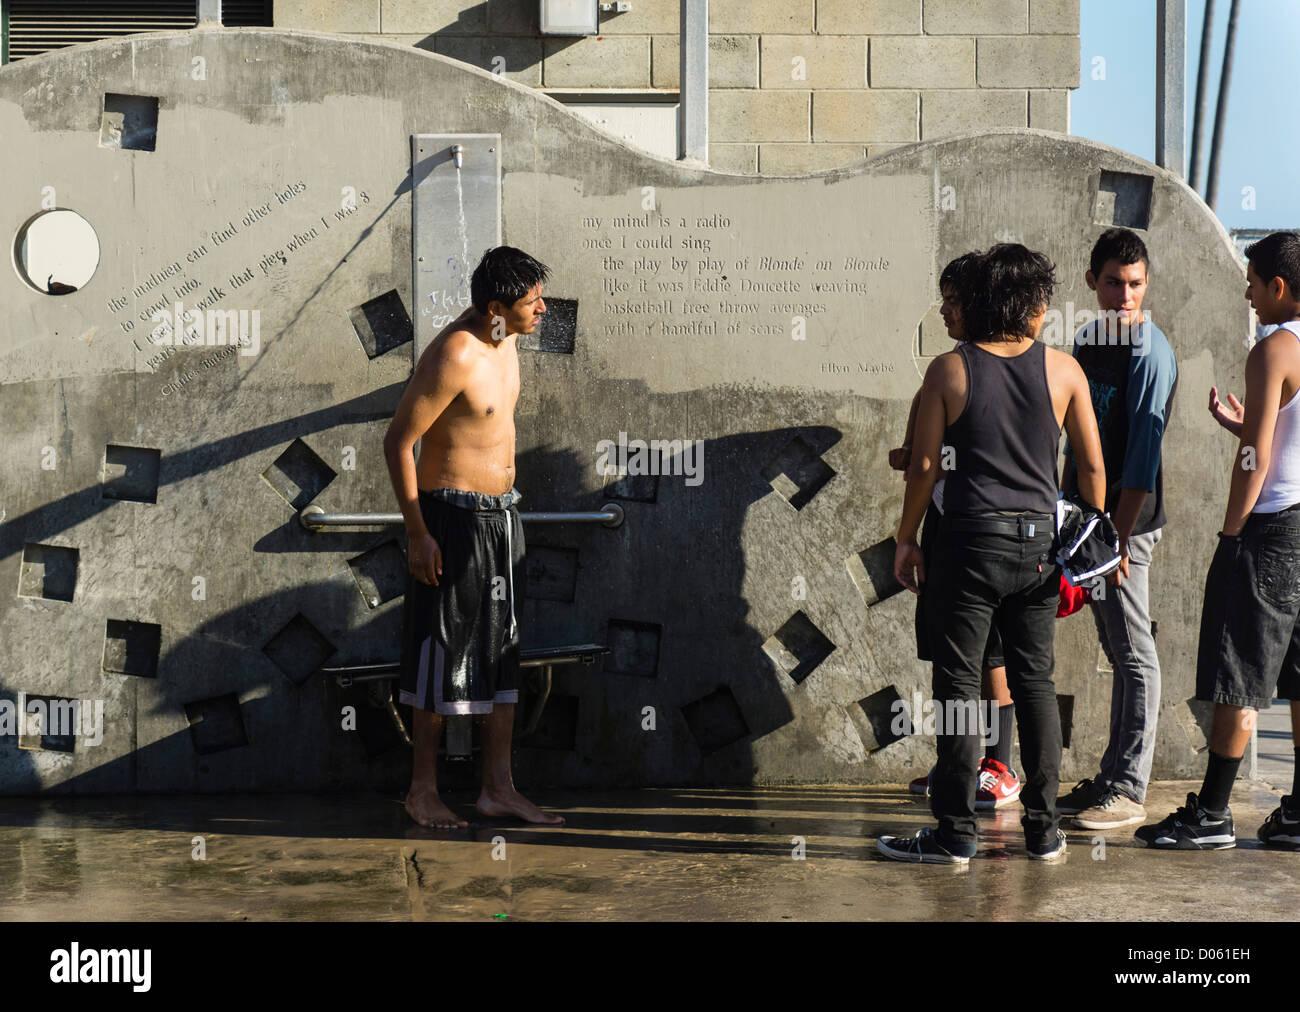 Venice Beach, Californie, la station balnéaire - jeunes lors d'une douche/tap. Photo Stock